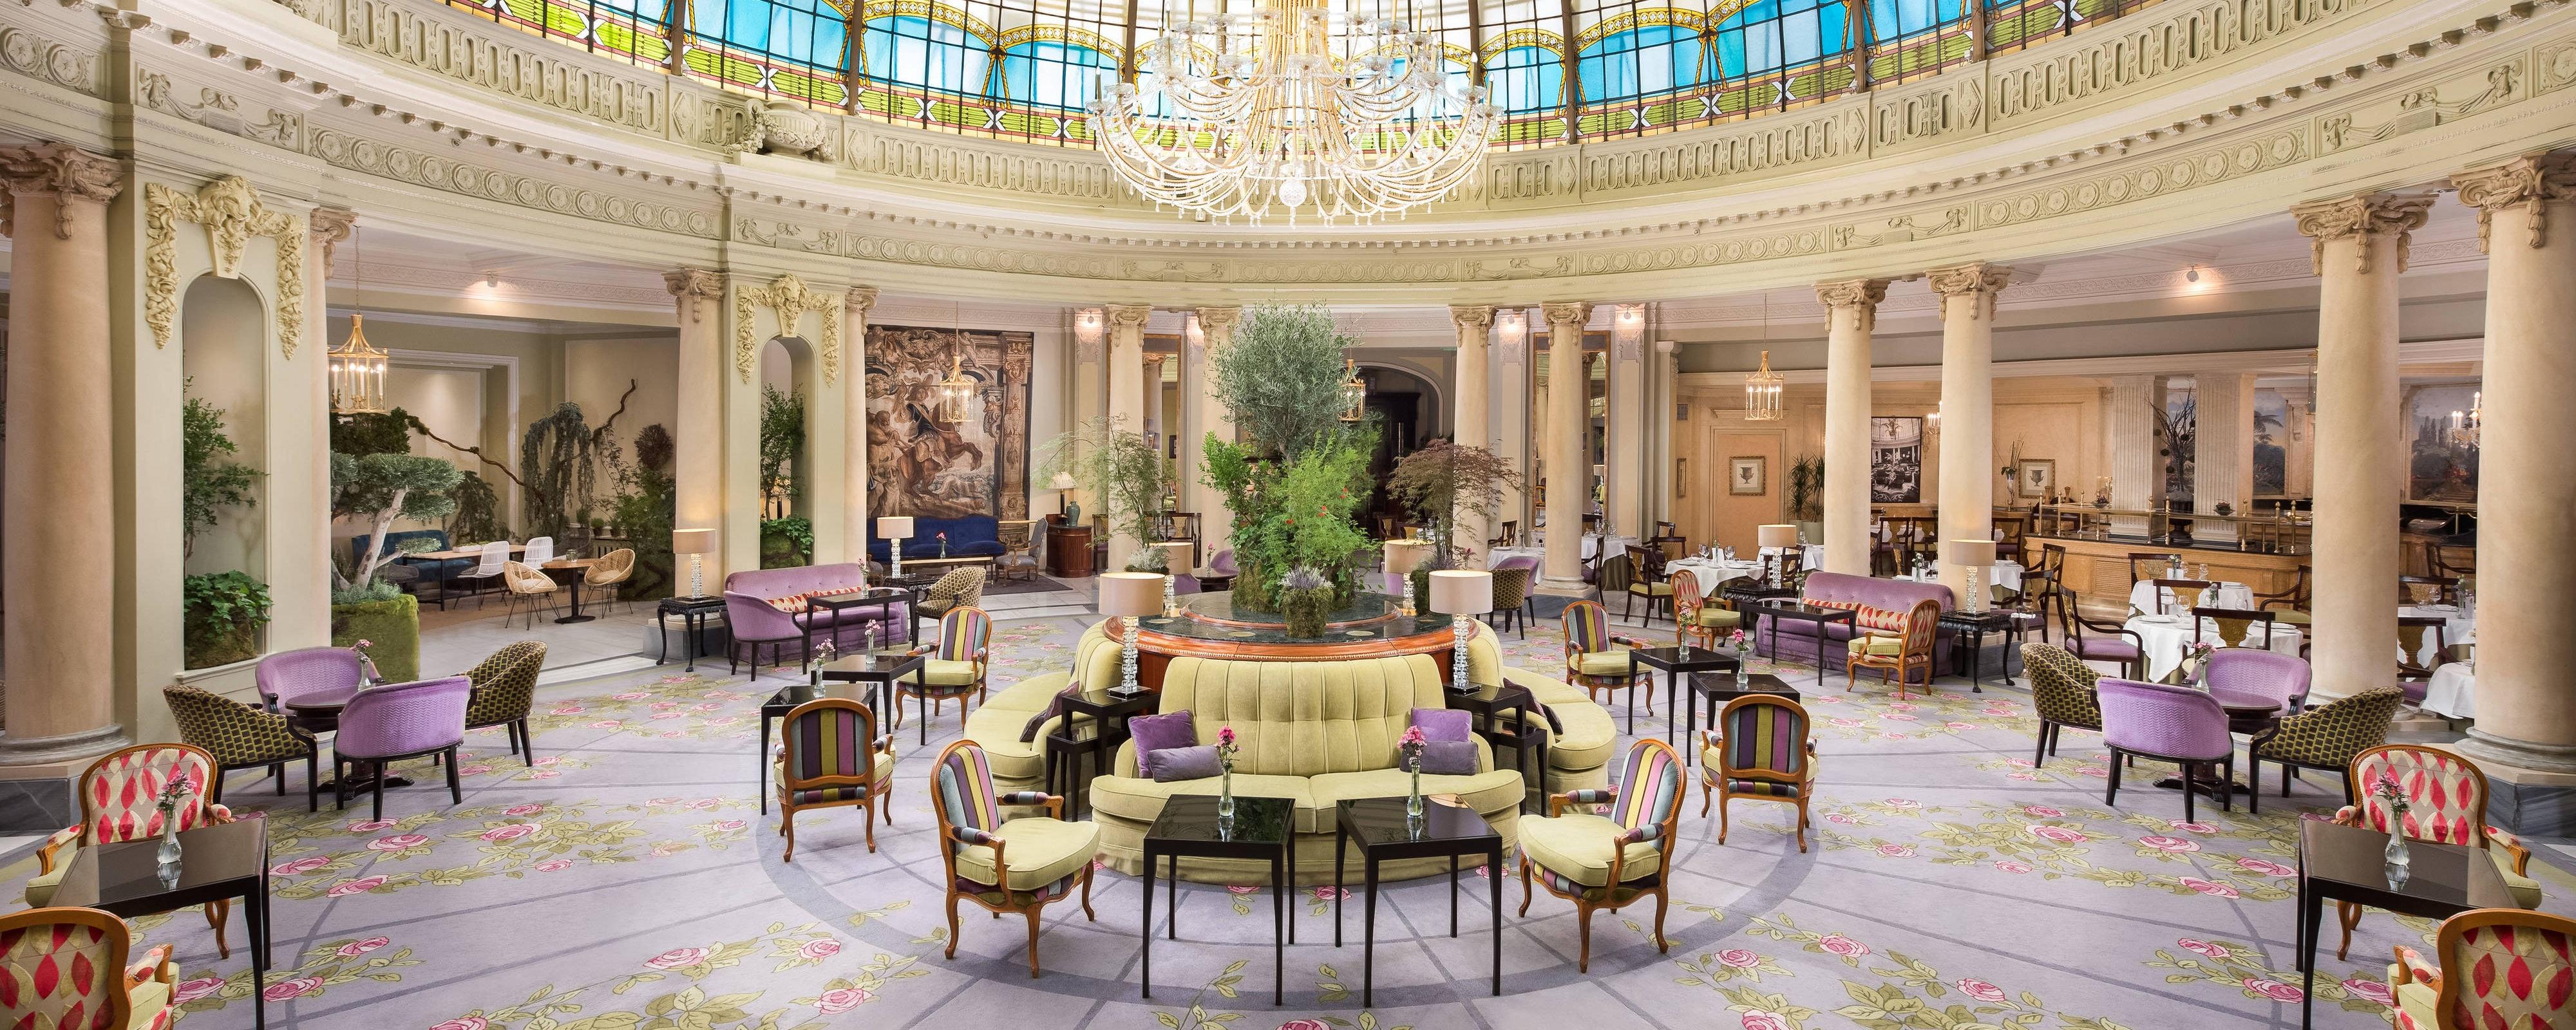 The Westin Palace, Madrid | Hotel Histórico de Lujo en el Centro de Madrid